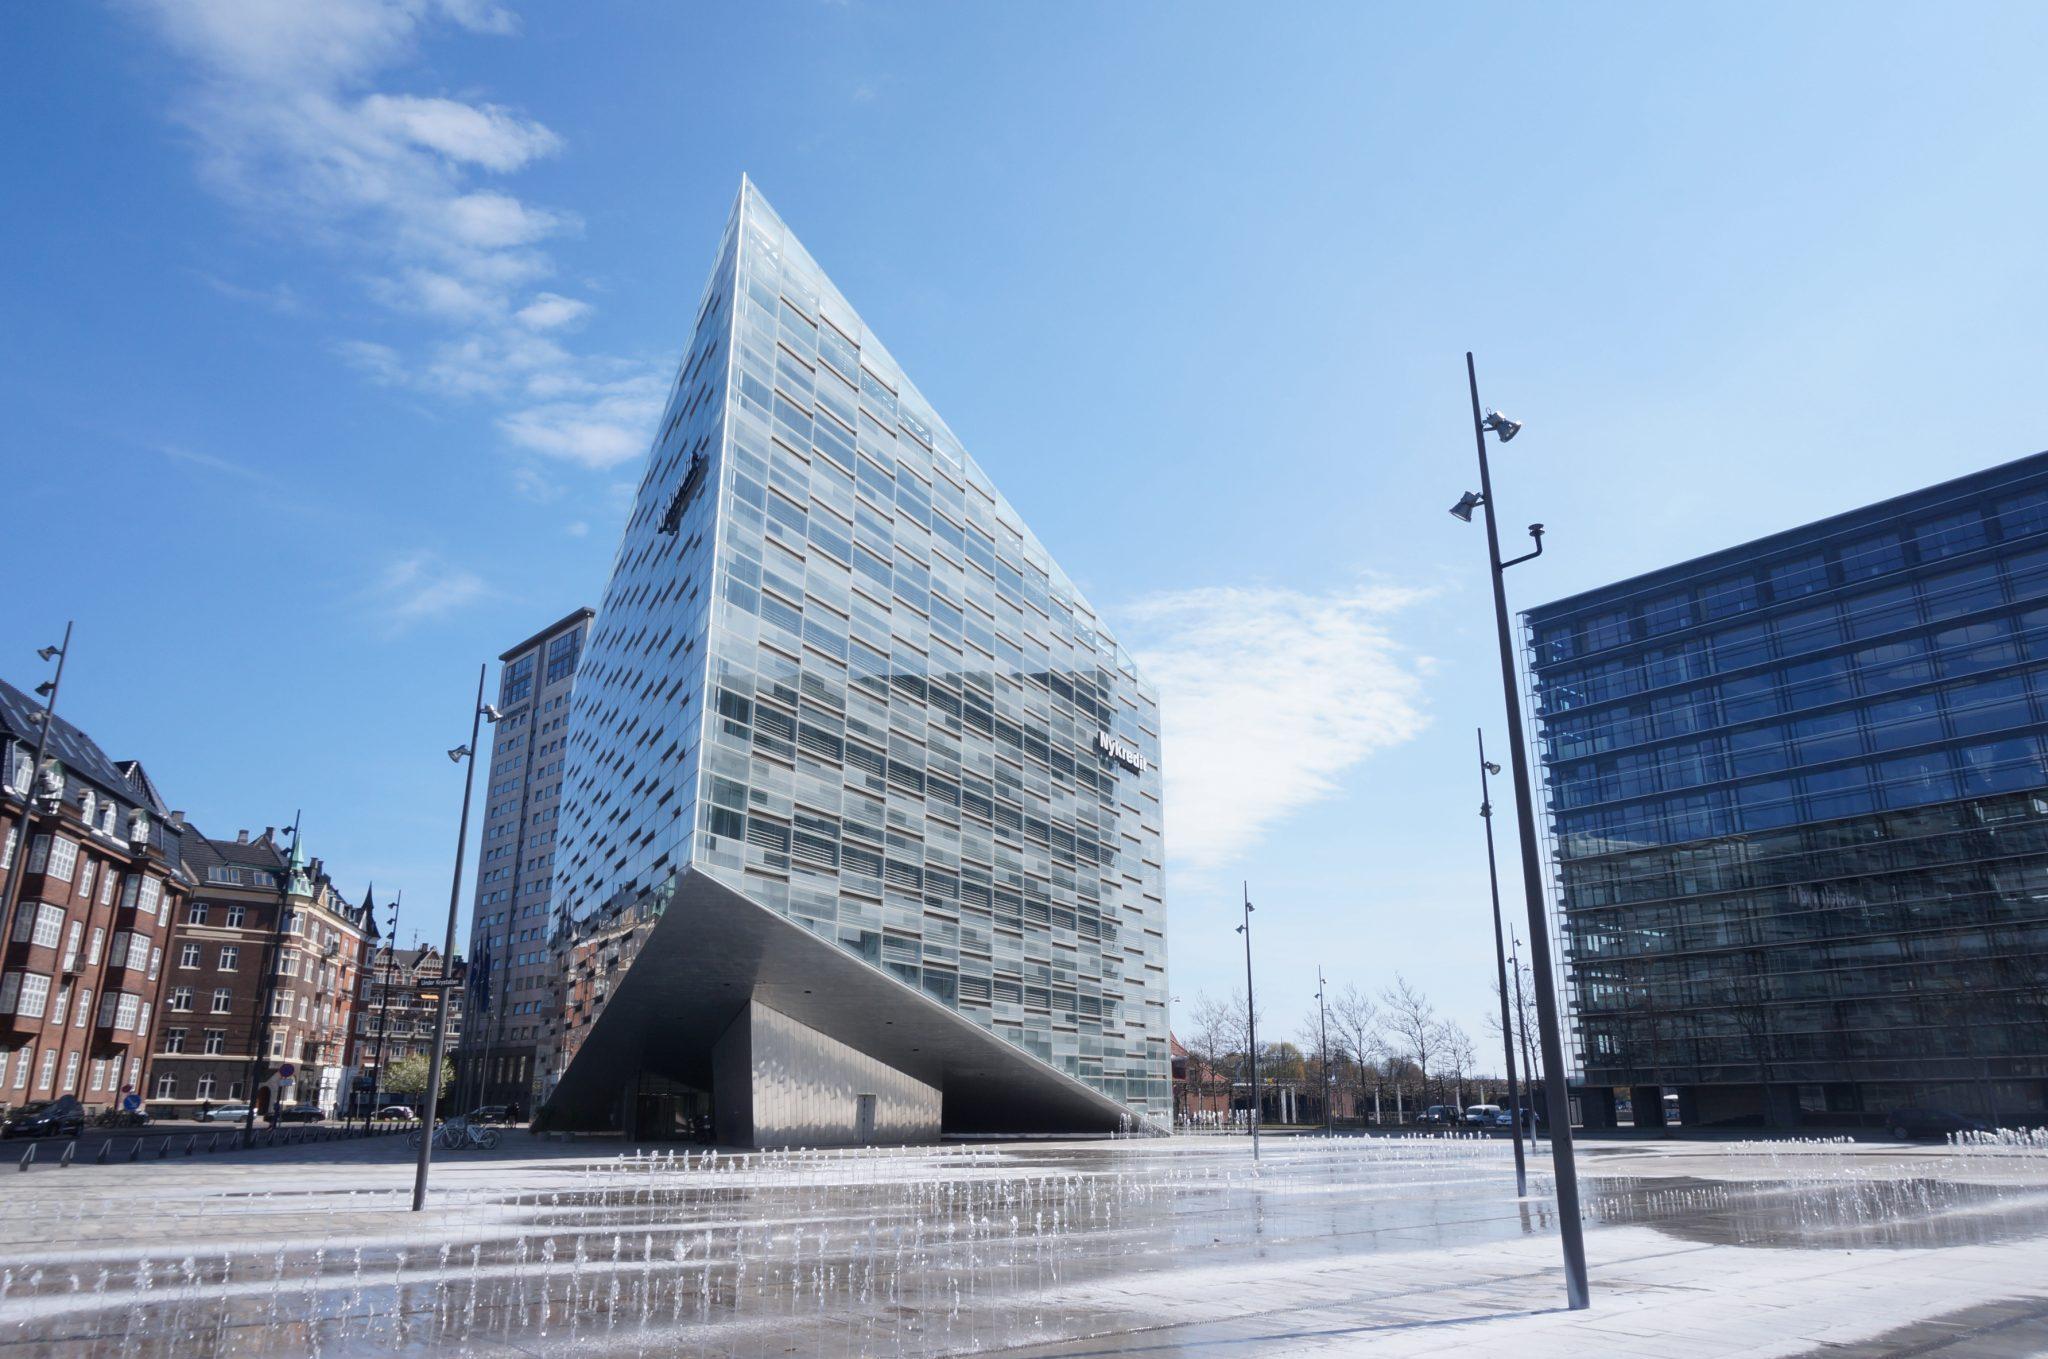 DSC04153 - Kopenhaga - Architour